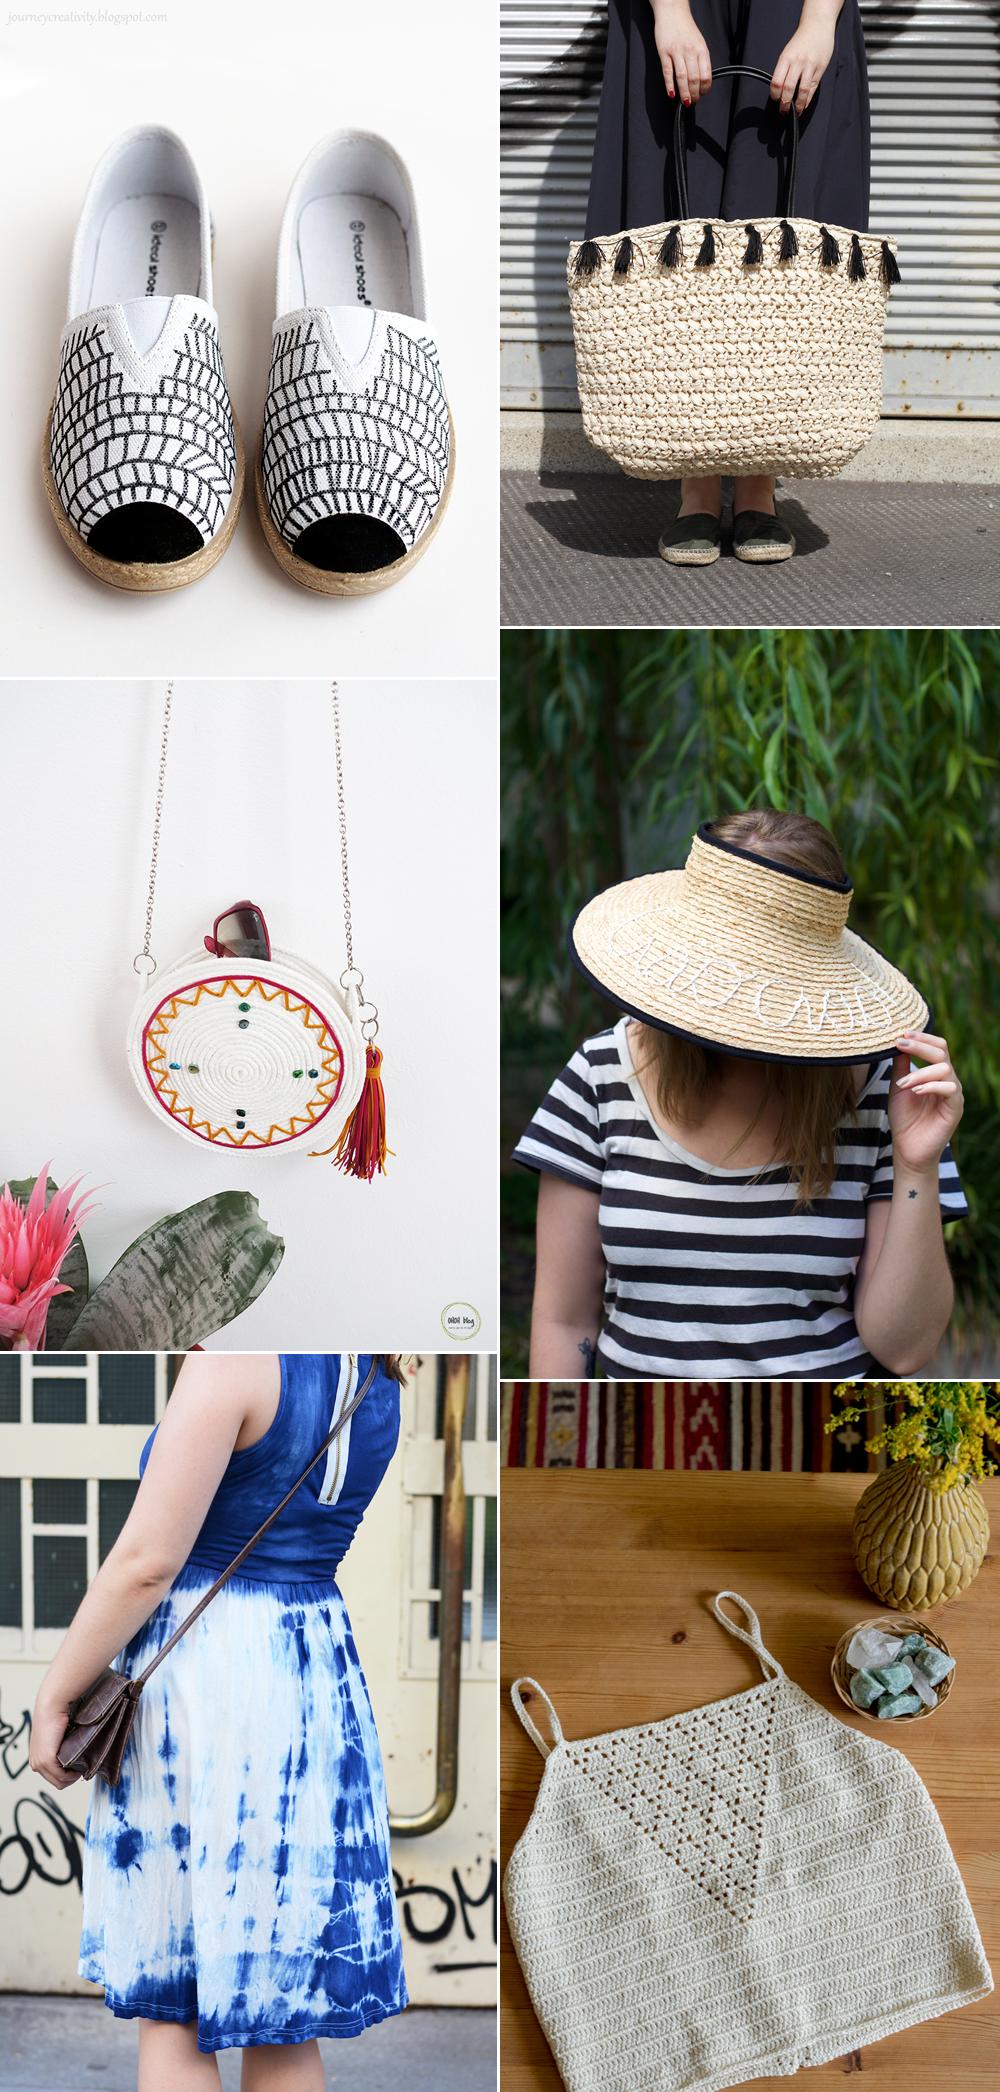 Sommerliche Accessoires |we love handmade